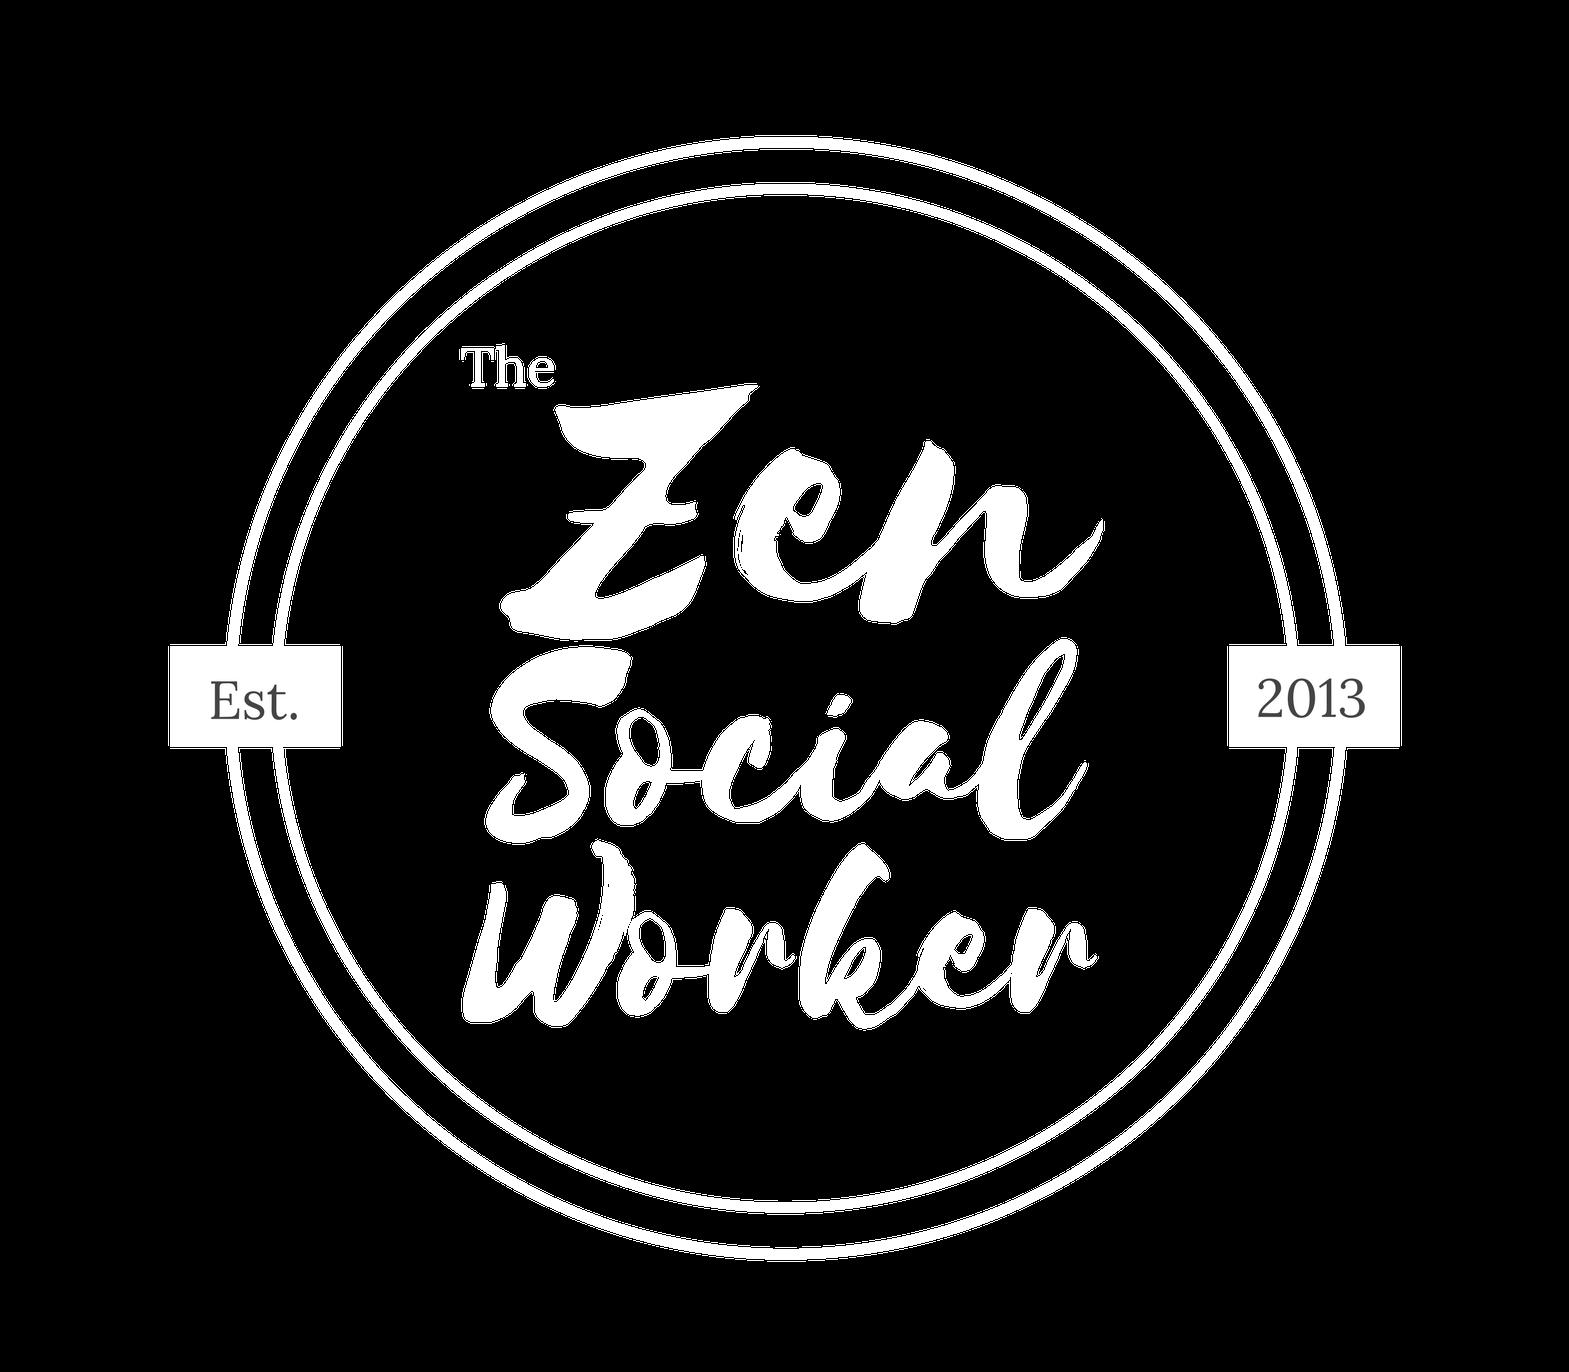 The Zen Social Worker